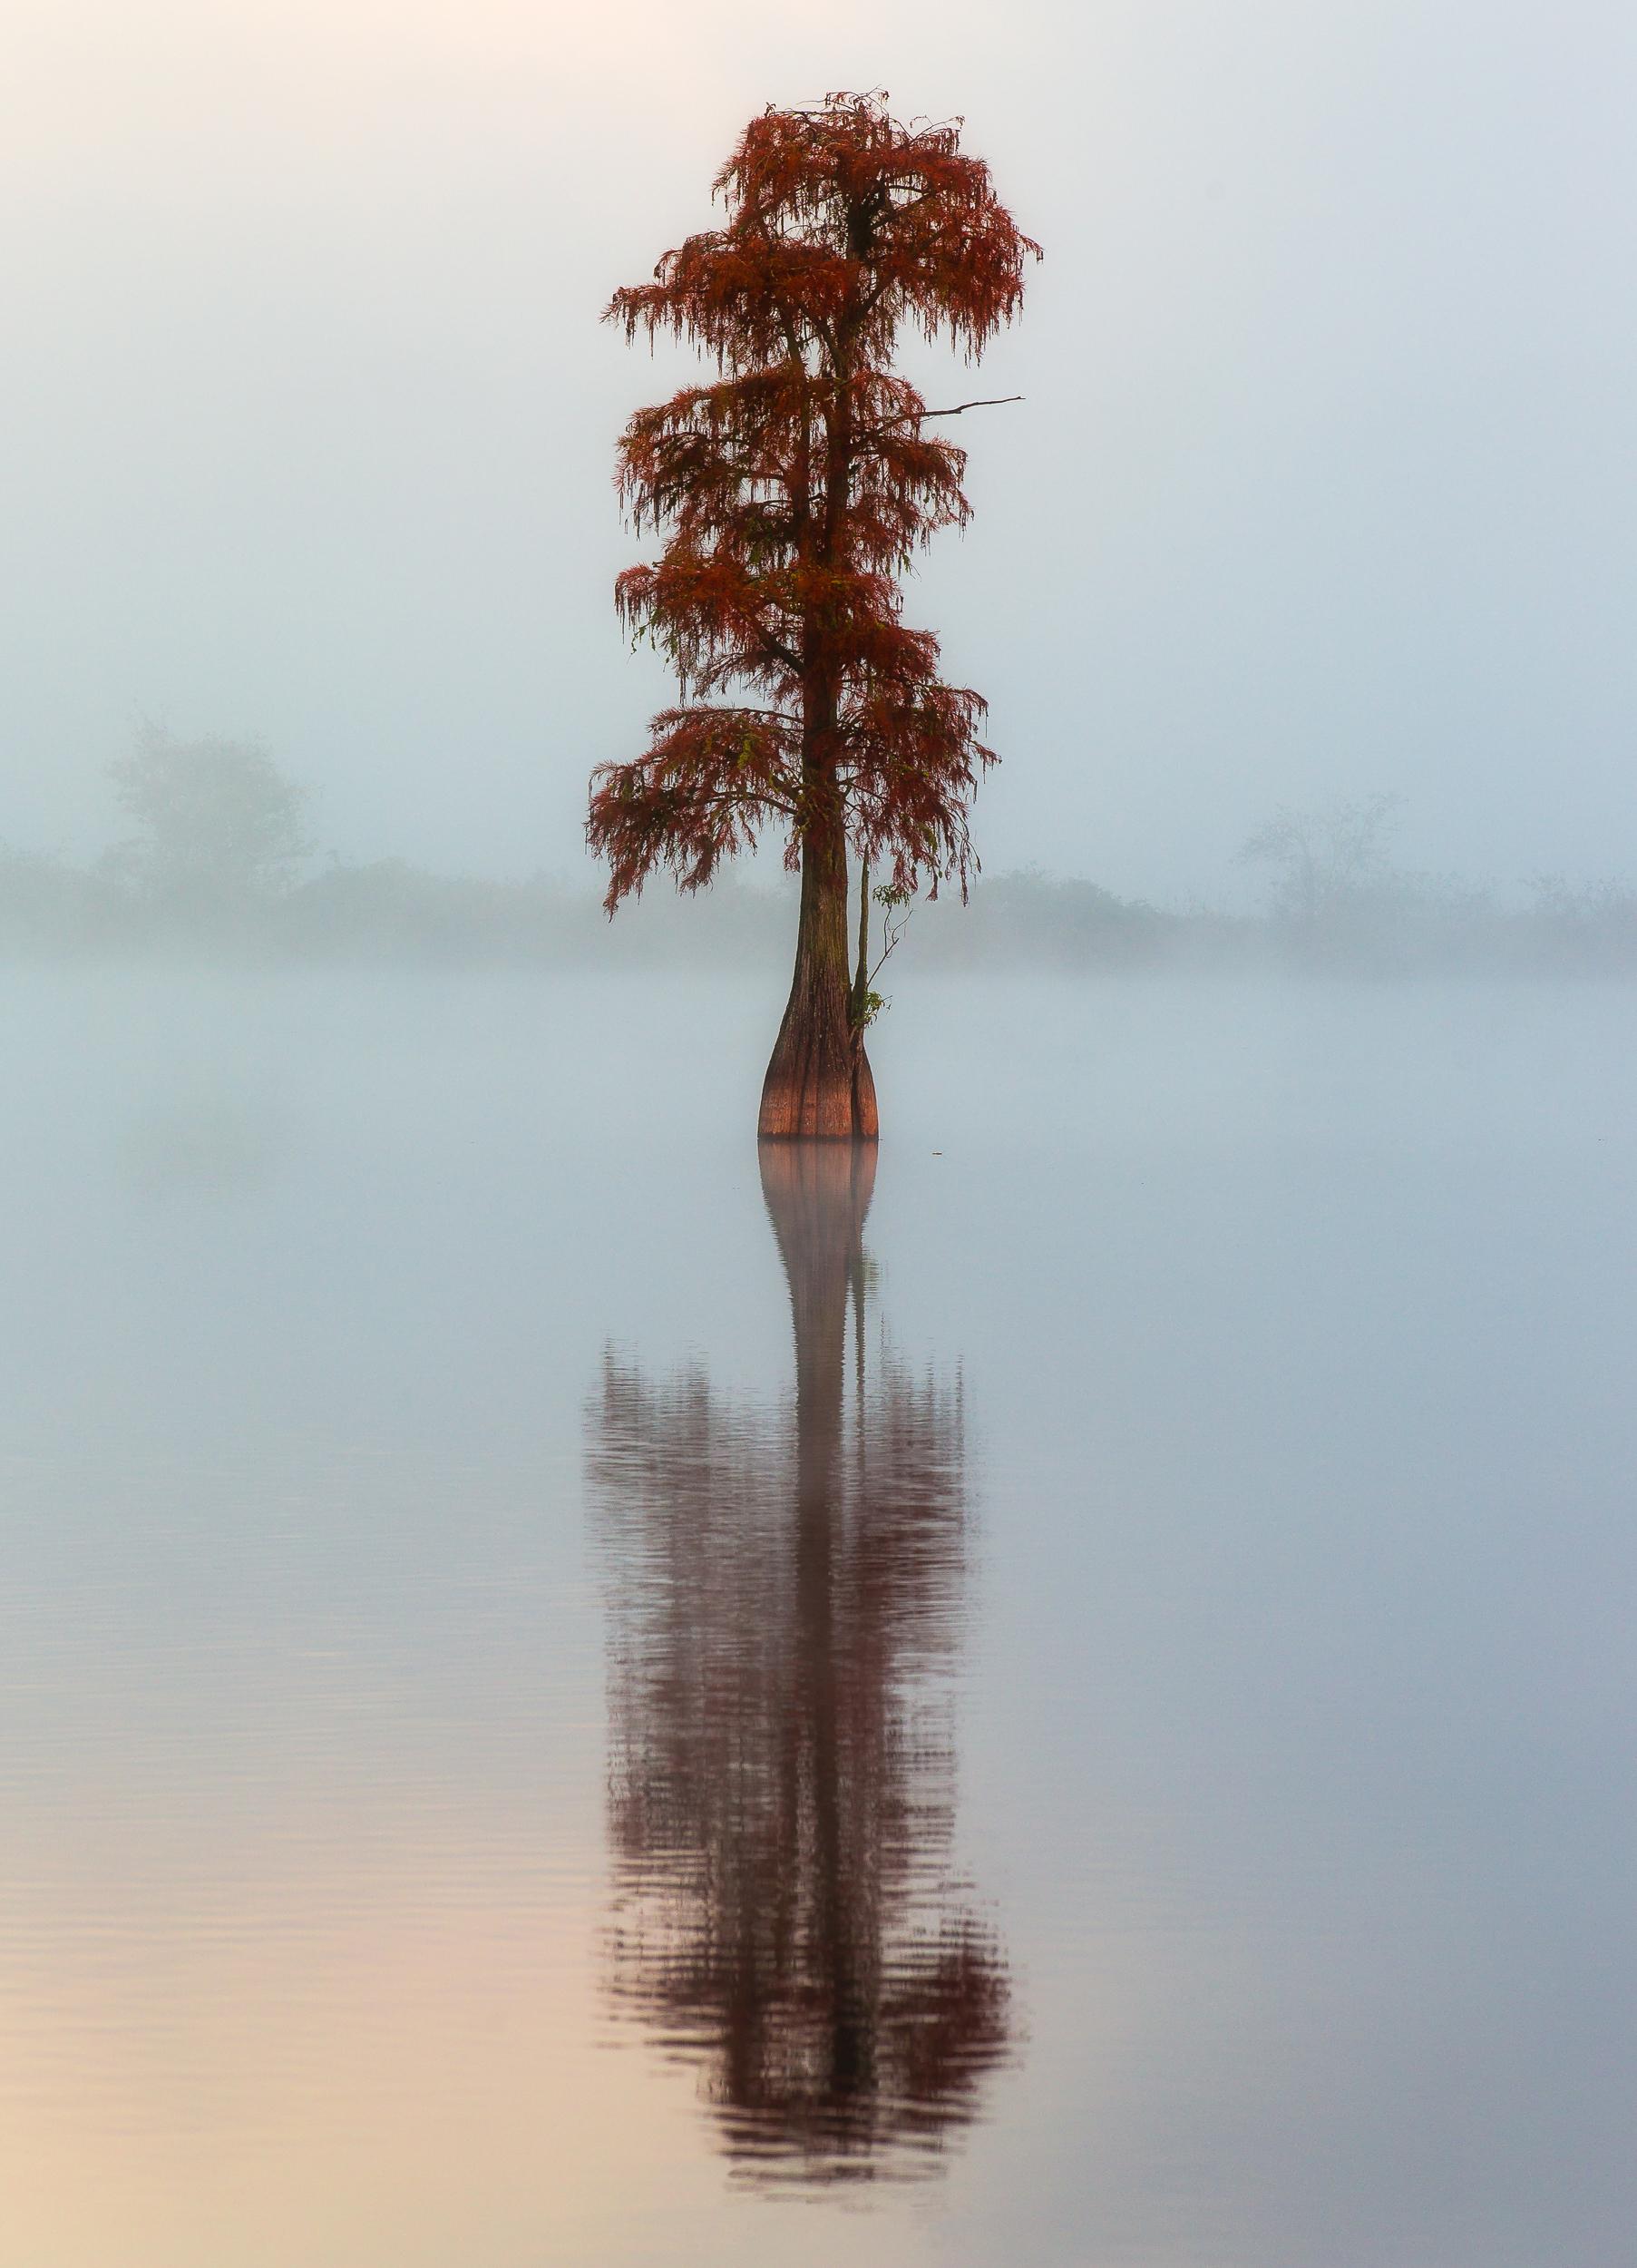 fotografia paesaggistica a colori di un albero in acqua in florida di Alex Armitage